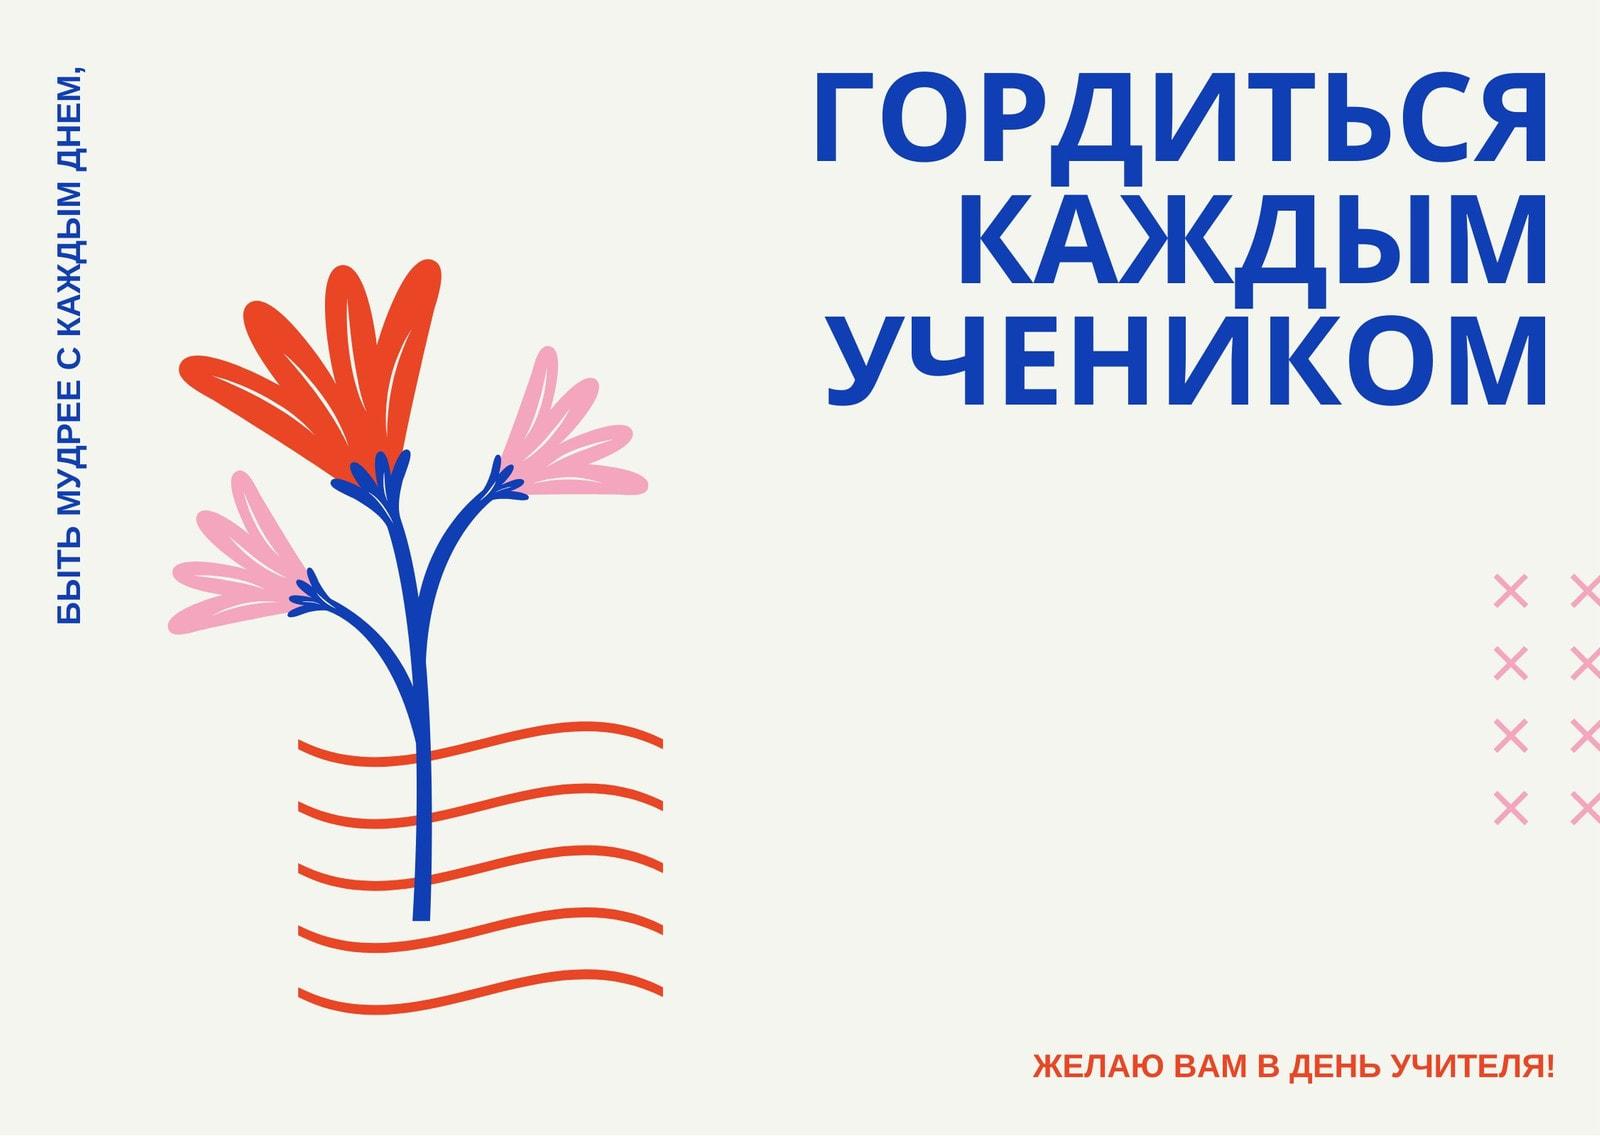 Серая открытка на день учителя с красно-синей графикой